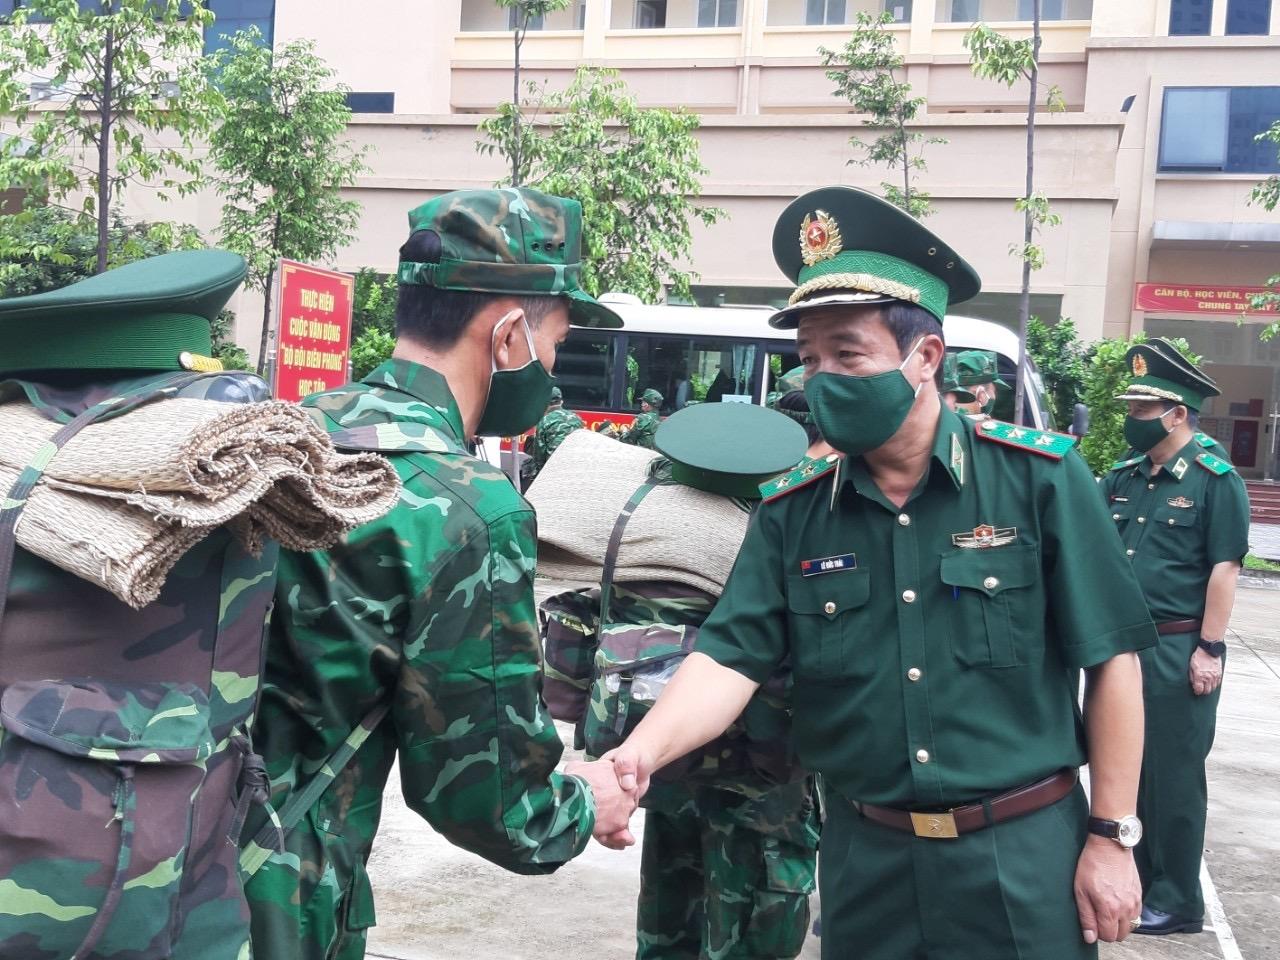 Tư lệnh BĐBP Lê Đức Thái động viên cán bộ, chiến sĩ Quân y trước giờ lên đường